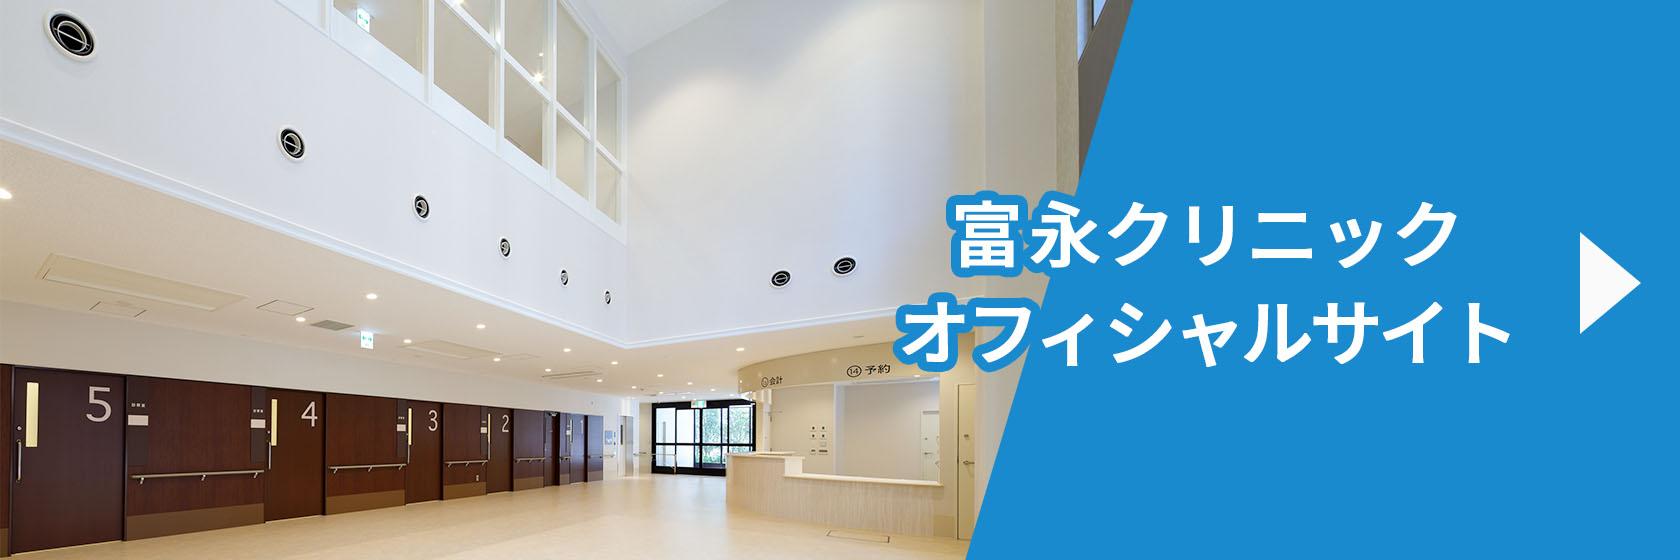 富永クリニック オフィシャルサイト